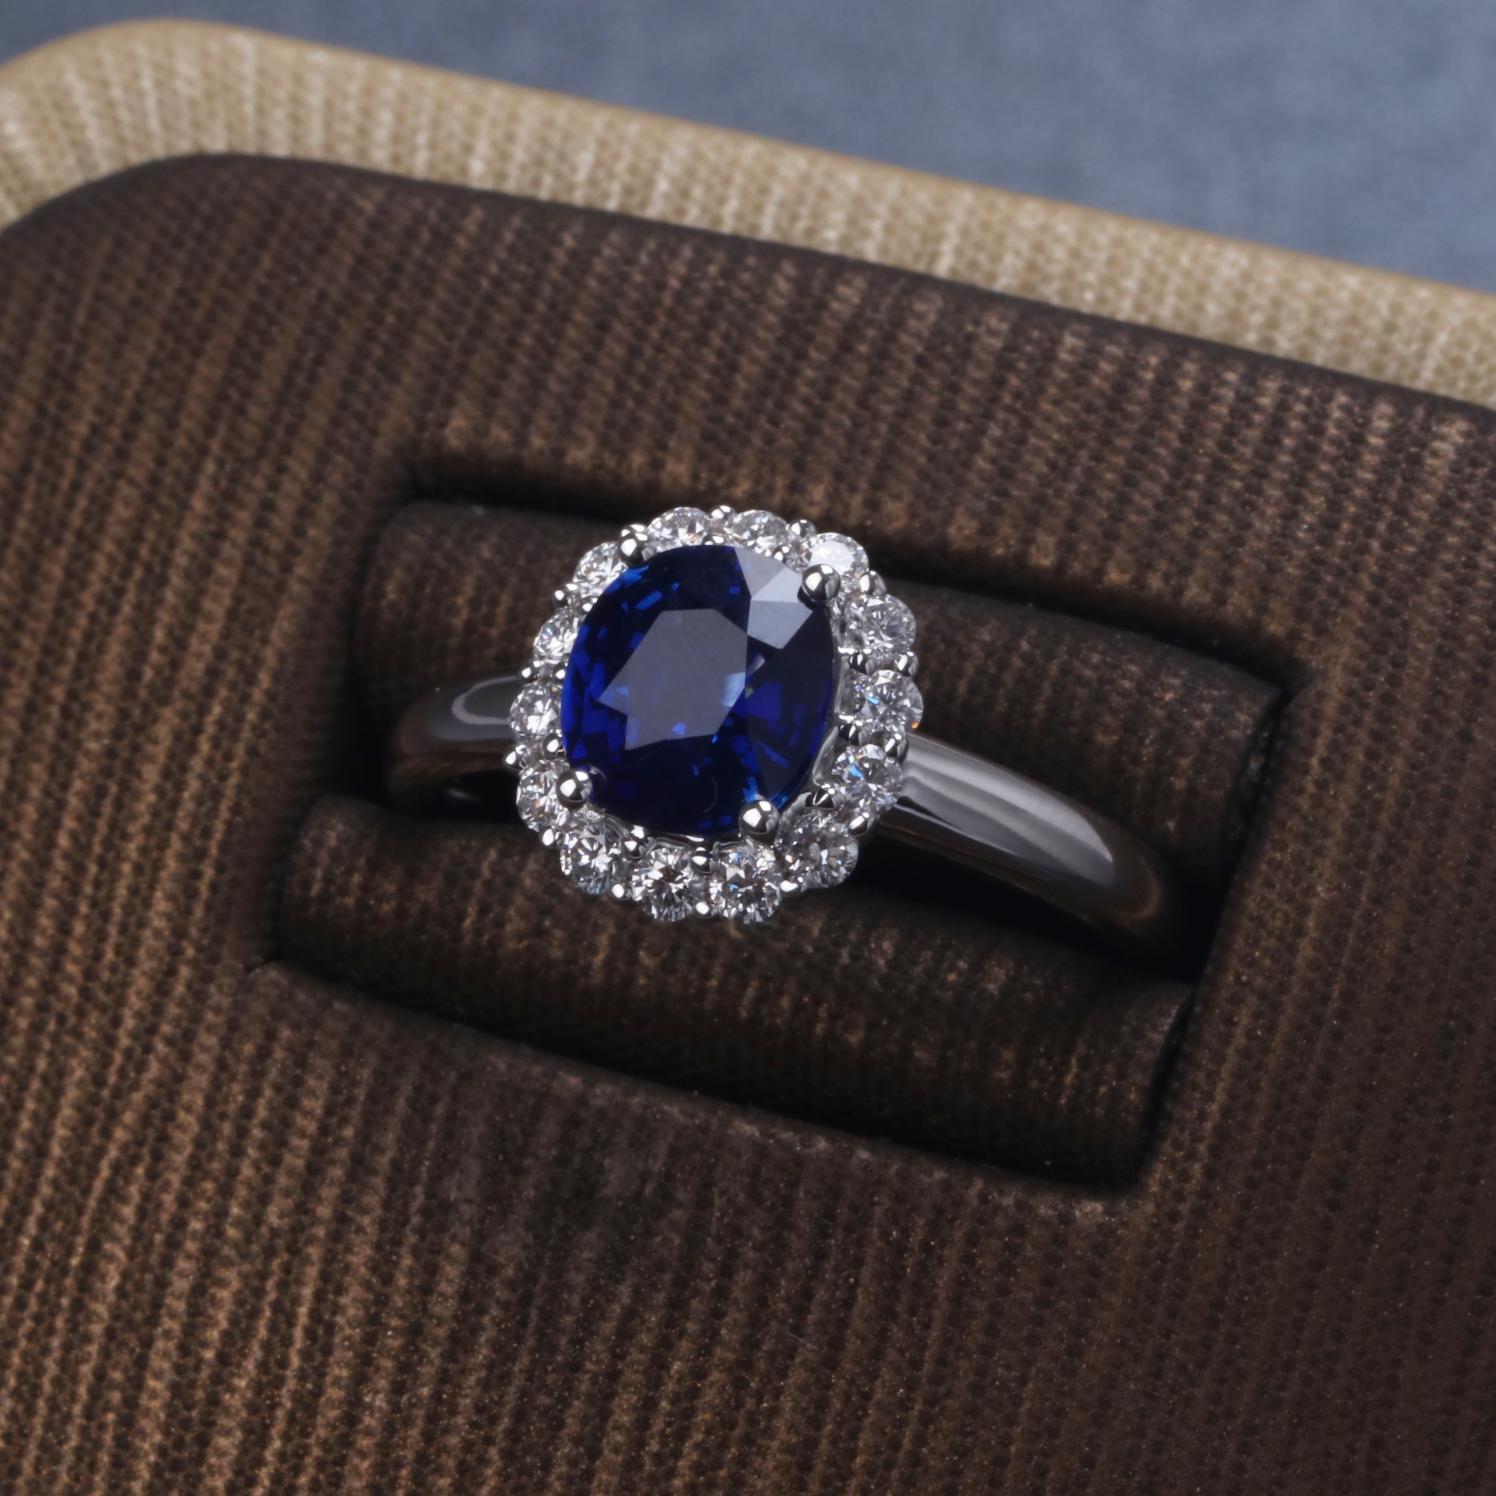 【戒指】18k金+蓝宝石+钻石  宝石颜色纯正 货重:3.81g  主石:1.50ct  手寸:14